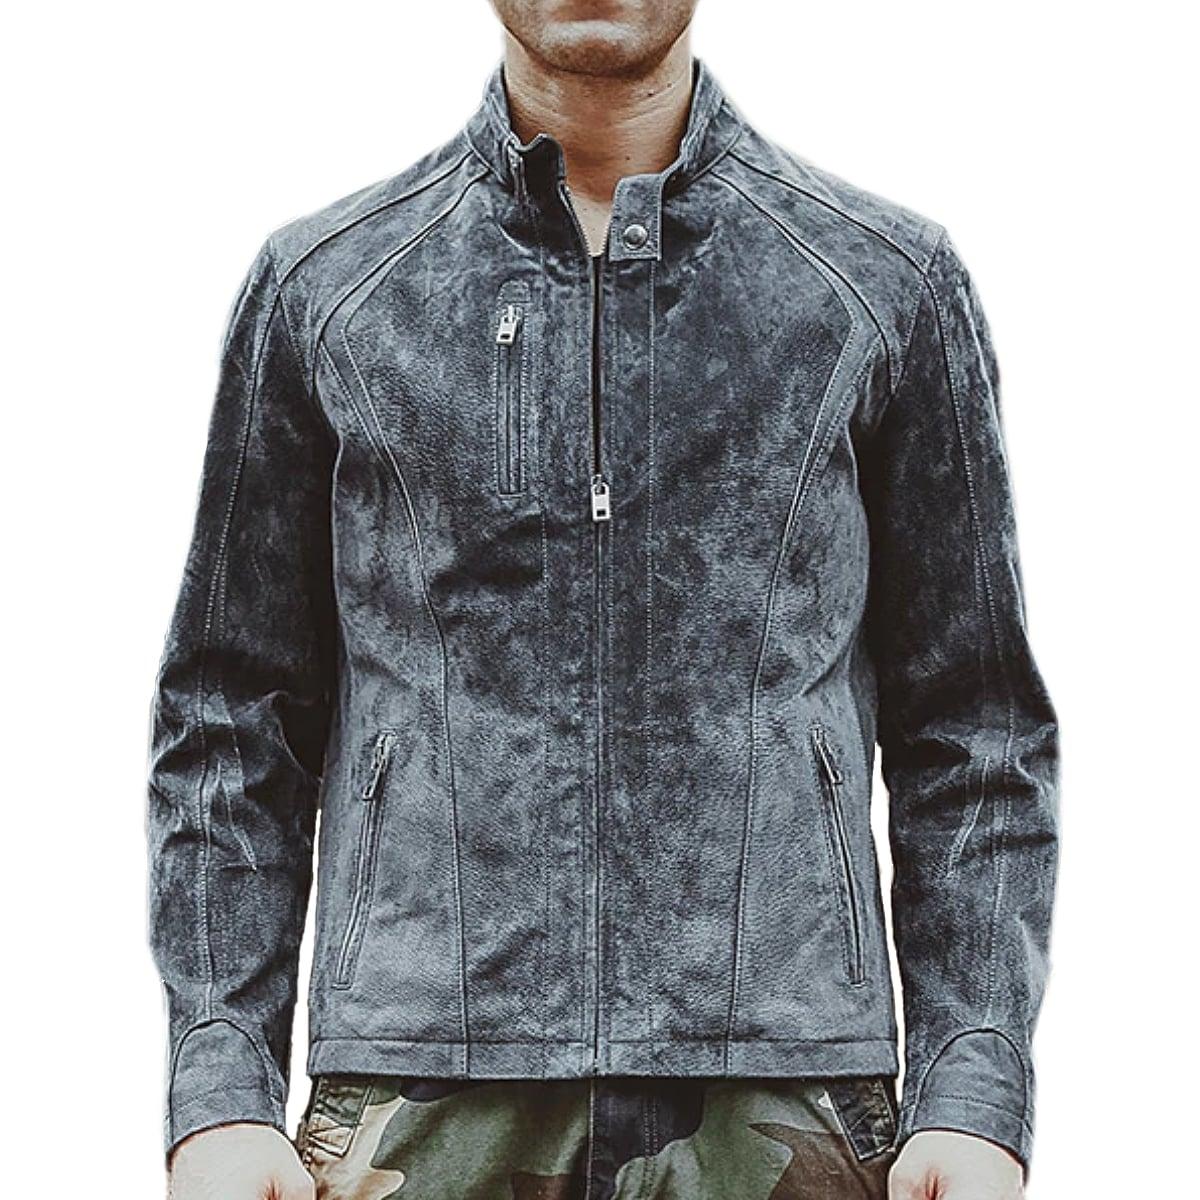 【送料無料!】全10サイズ! メンズ 本革 グレーカラー ピッグスキンレザー シングルライダースジャケット! 豚革 バイクジャケット ビンテージ加工 革ジャン アウター コート 羽織り 上着 オールシーズン 年中着用可能! 男性用 ビッグサイズ バイカー バイクに!